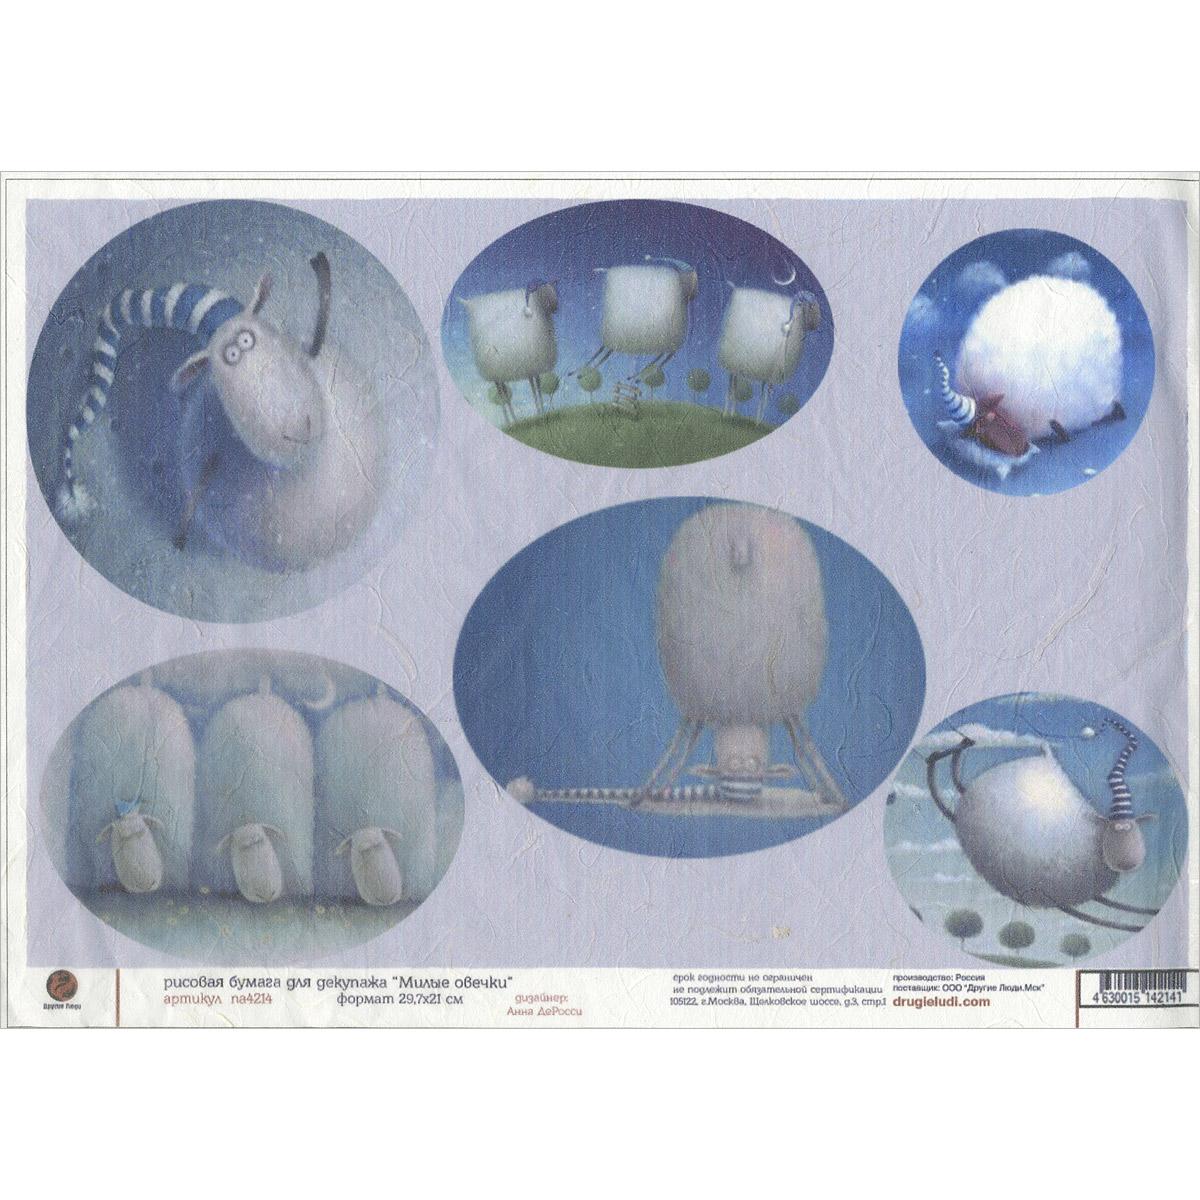 Рисовая бумага для декупажа Милые овечки, А494888Рисовая бумага для декупажа Милые овечки имеет в составе прожилки риса, которые очень красиво смотрятся на декорируемом изделии, придают ему неповторимую фактуру и создают эффект нанесенного кистью рисунка. Подходит для декора в технике декупаж на стекле, дереве, пластике, металле и любых других поверхностях. Не требует замачивания. Приклеивается путем нанесения клея поверх бумаги по направлению от центра к краям. Мотивы рисунка можно вырезать ножницами либо вырывать руками. Так же используется в технике скрапбукинг для декора страниц и обложек альбомов, бумагу можно пристрачивать на швейной машине.